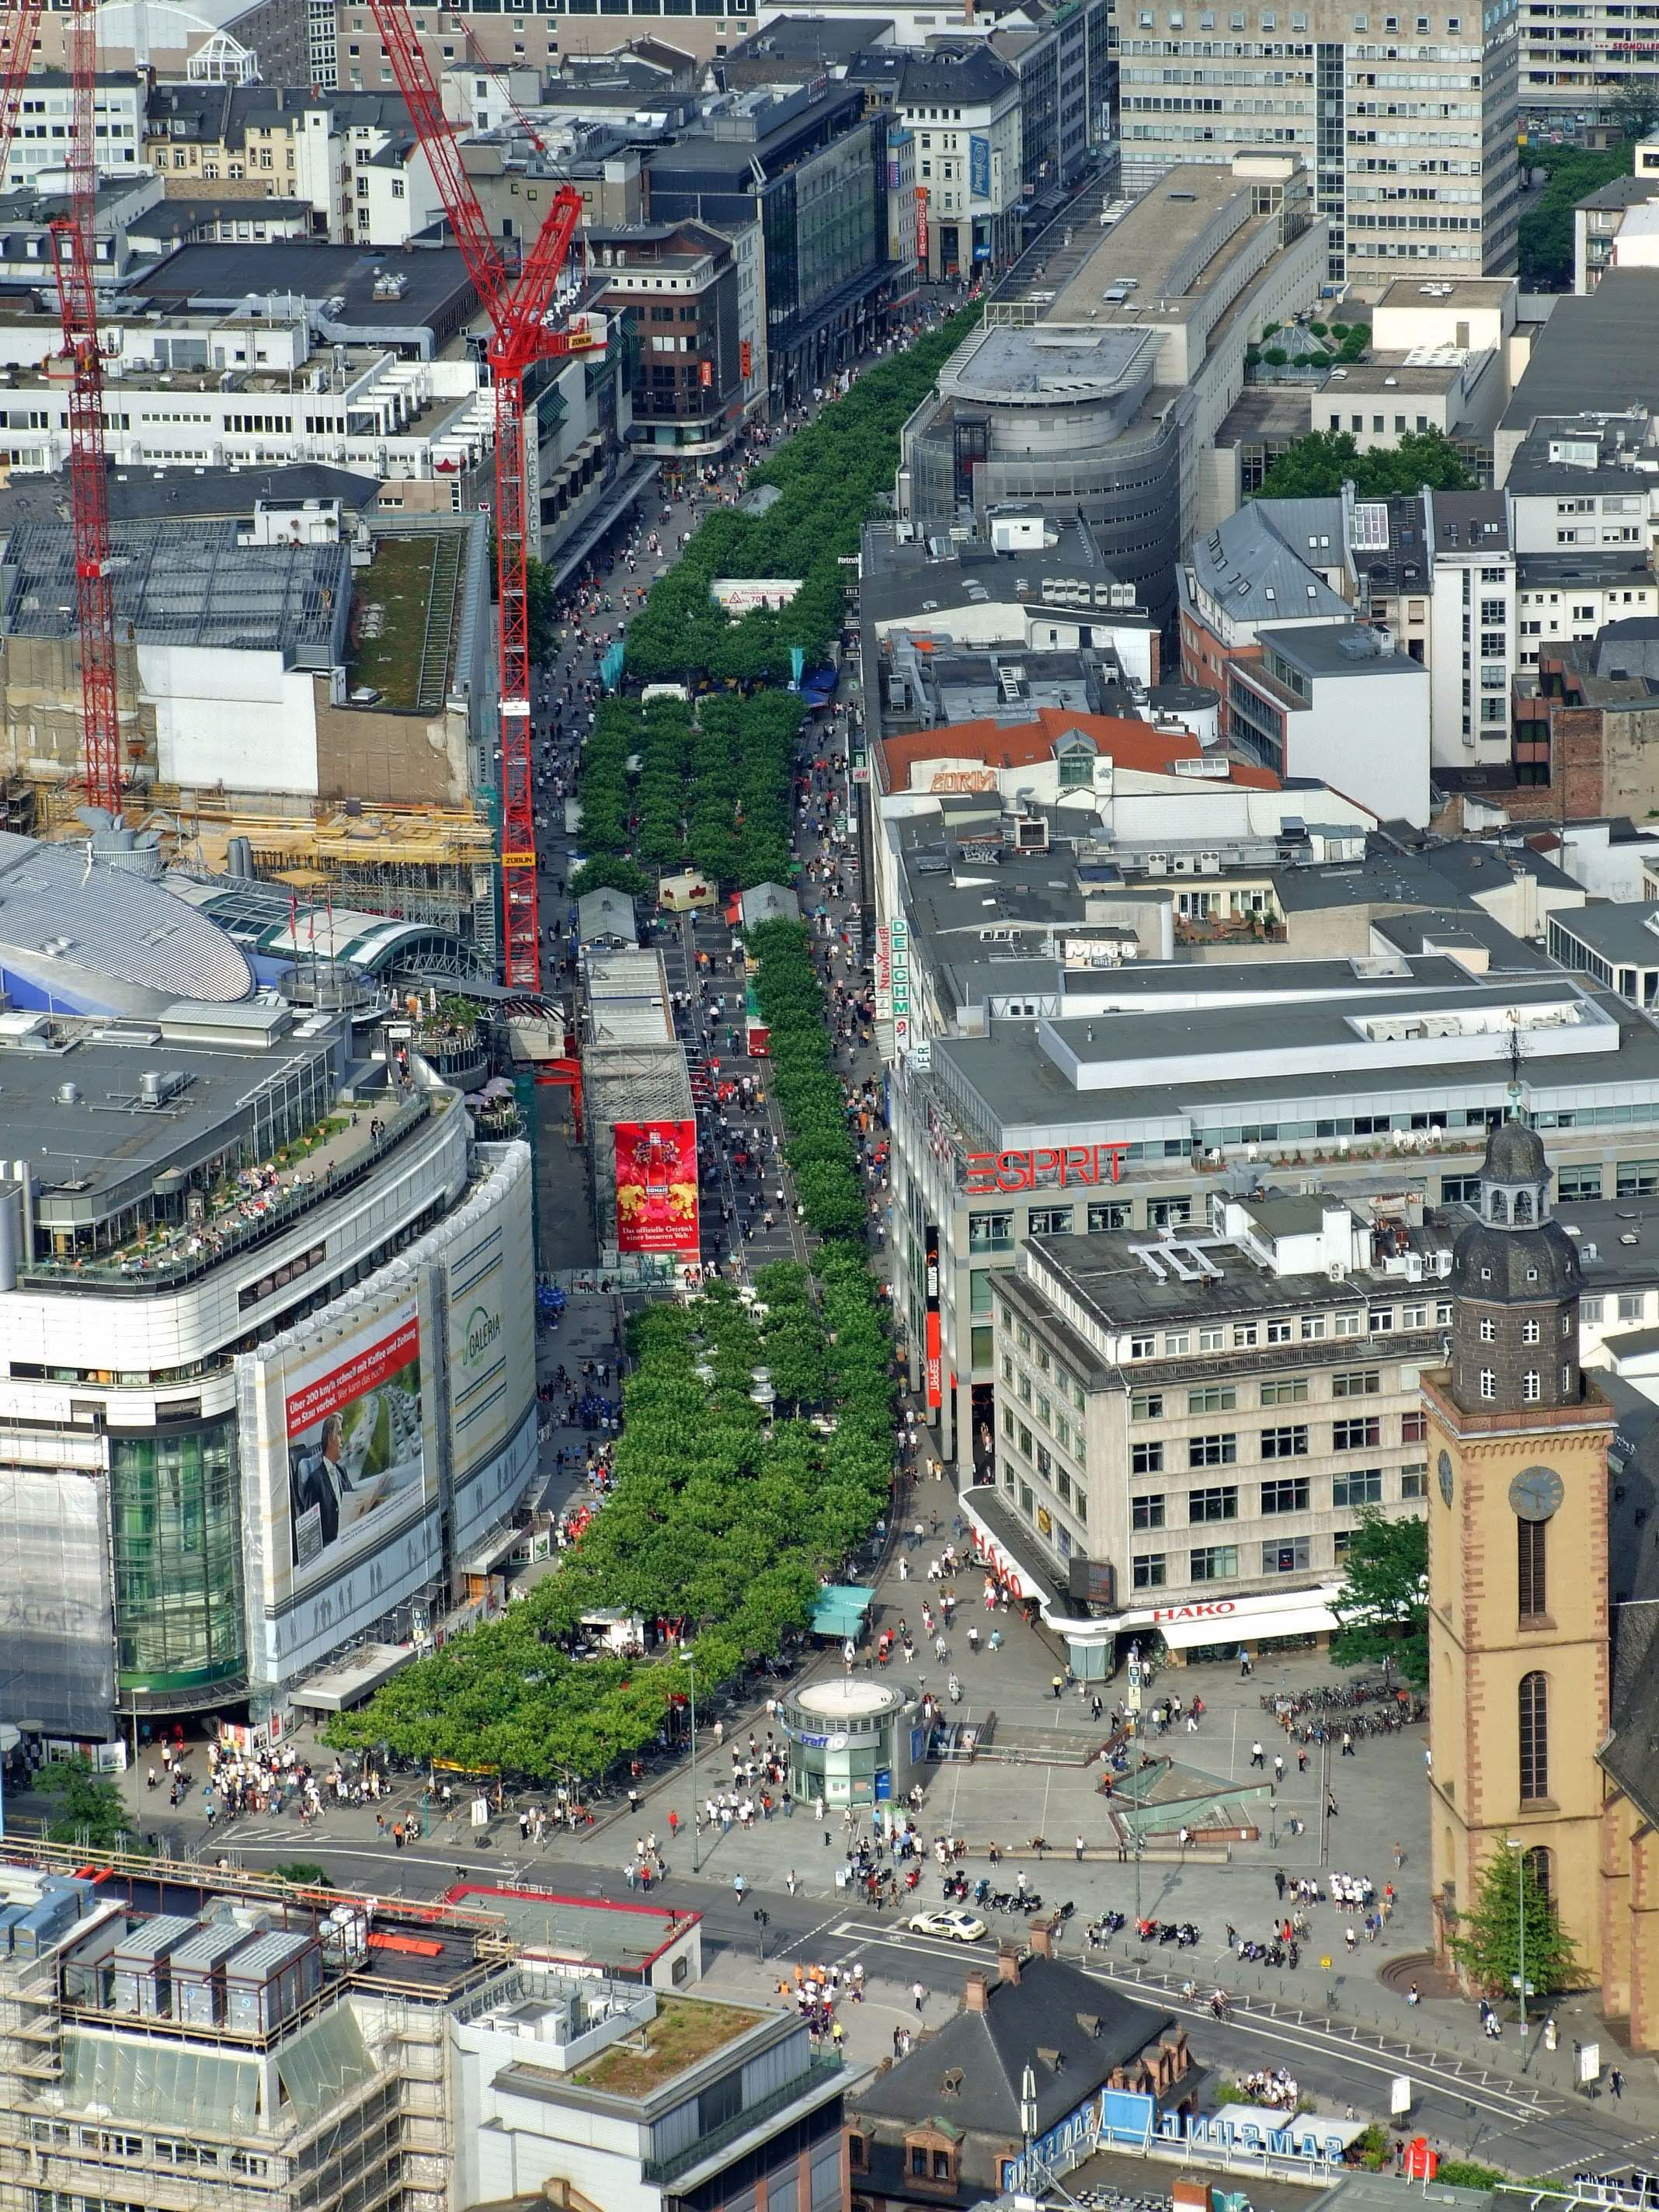 Zeil Straße, Frankfurt-am-Main, Germany | my places ...